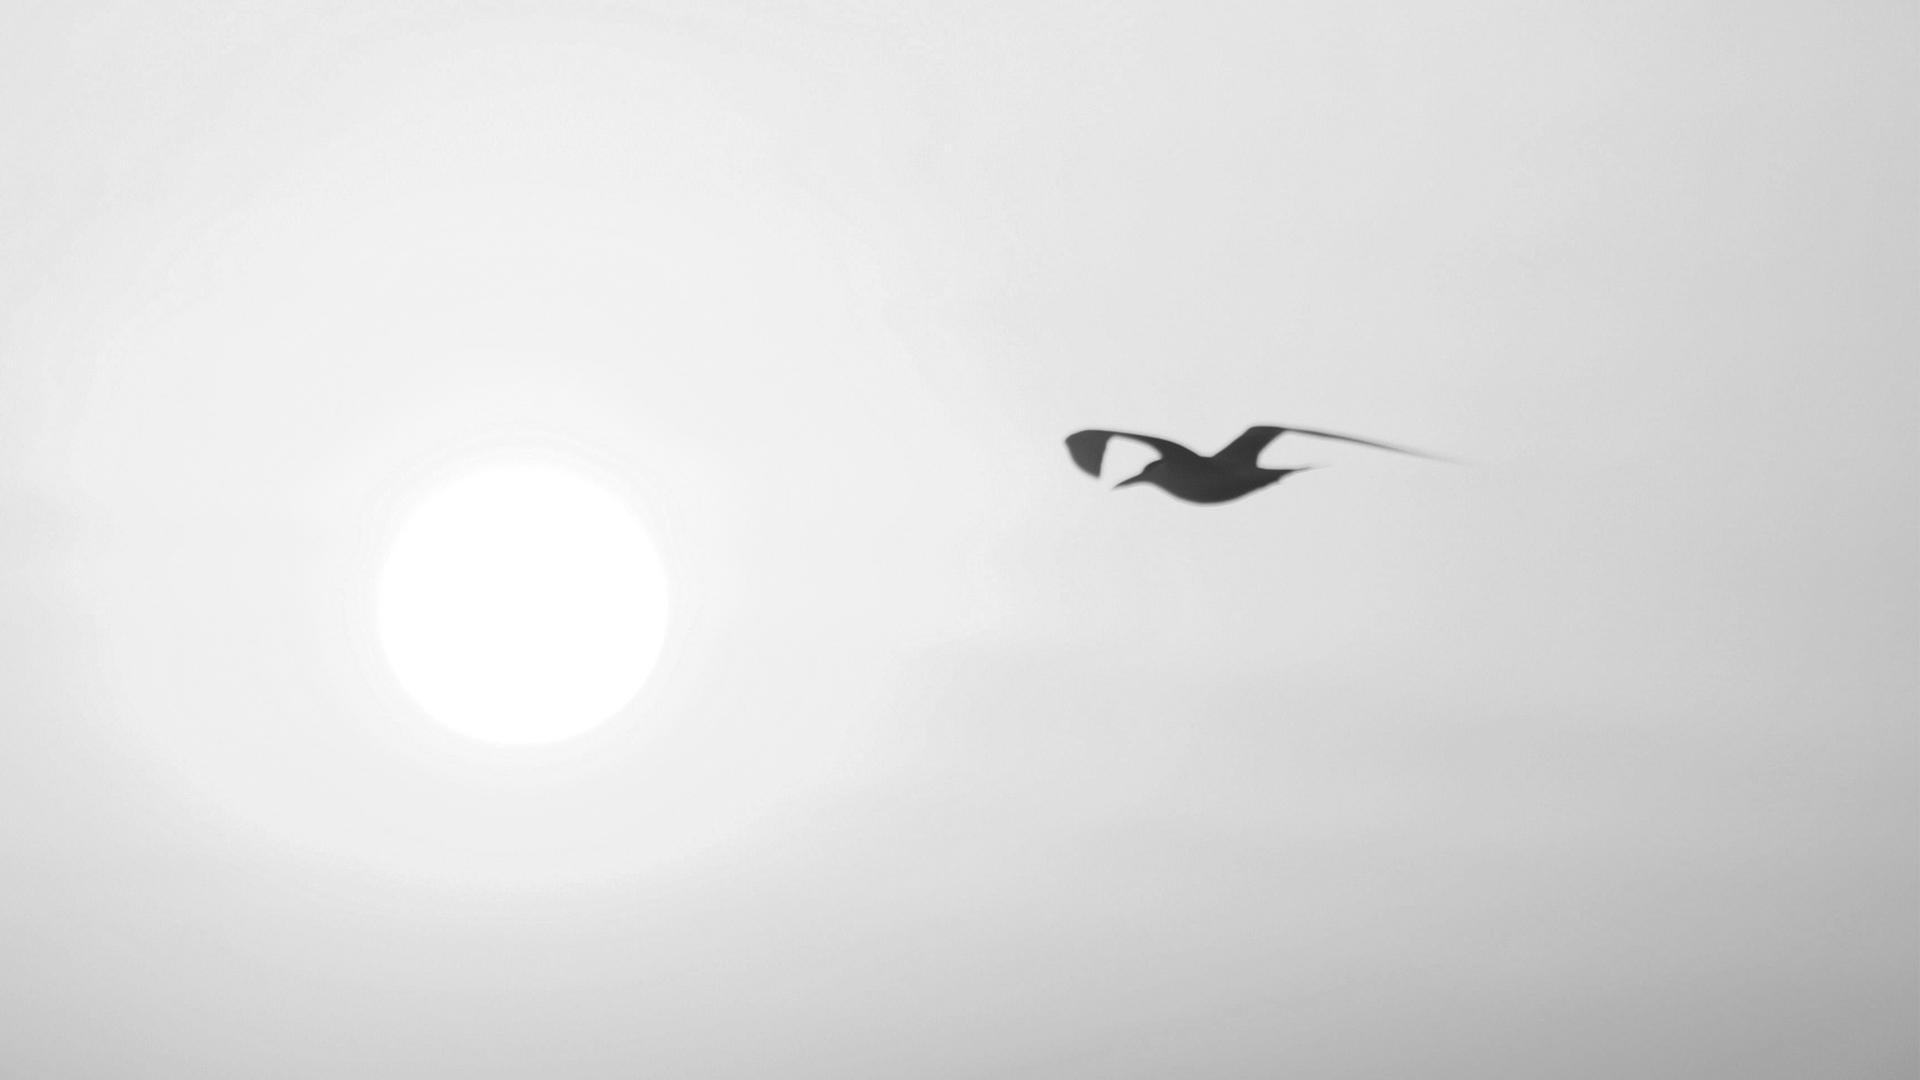 vogel-zwart-wit